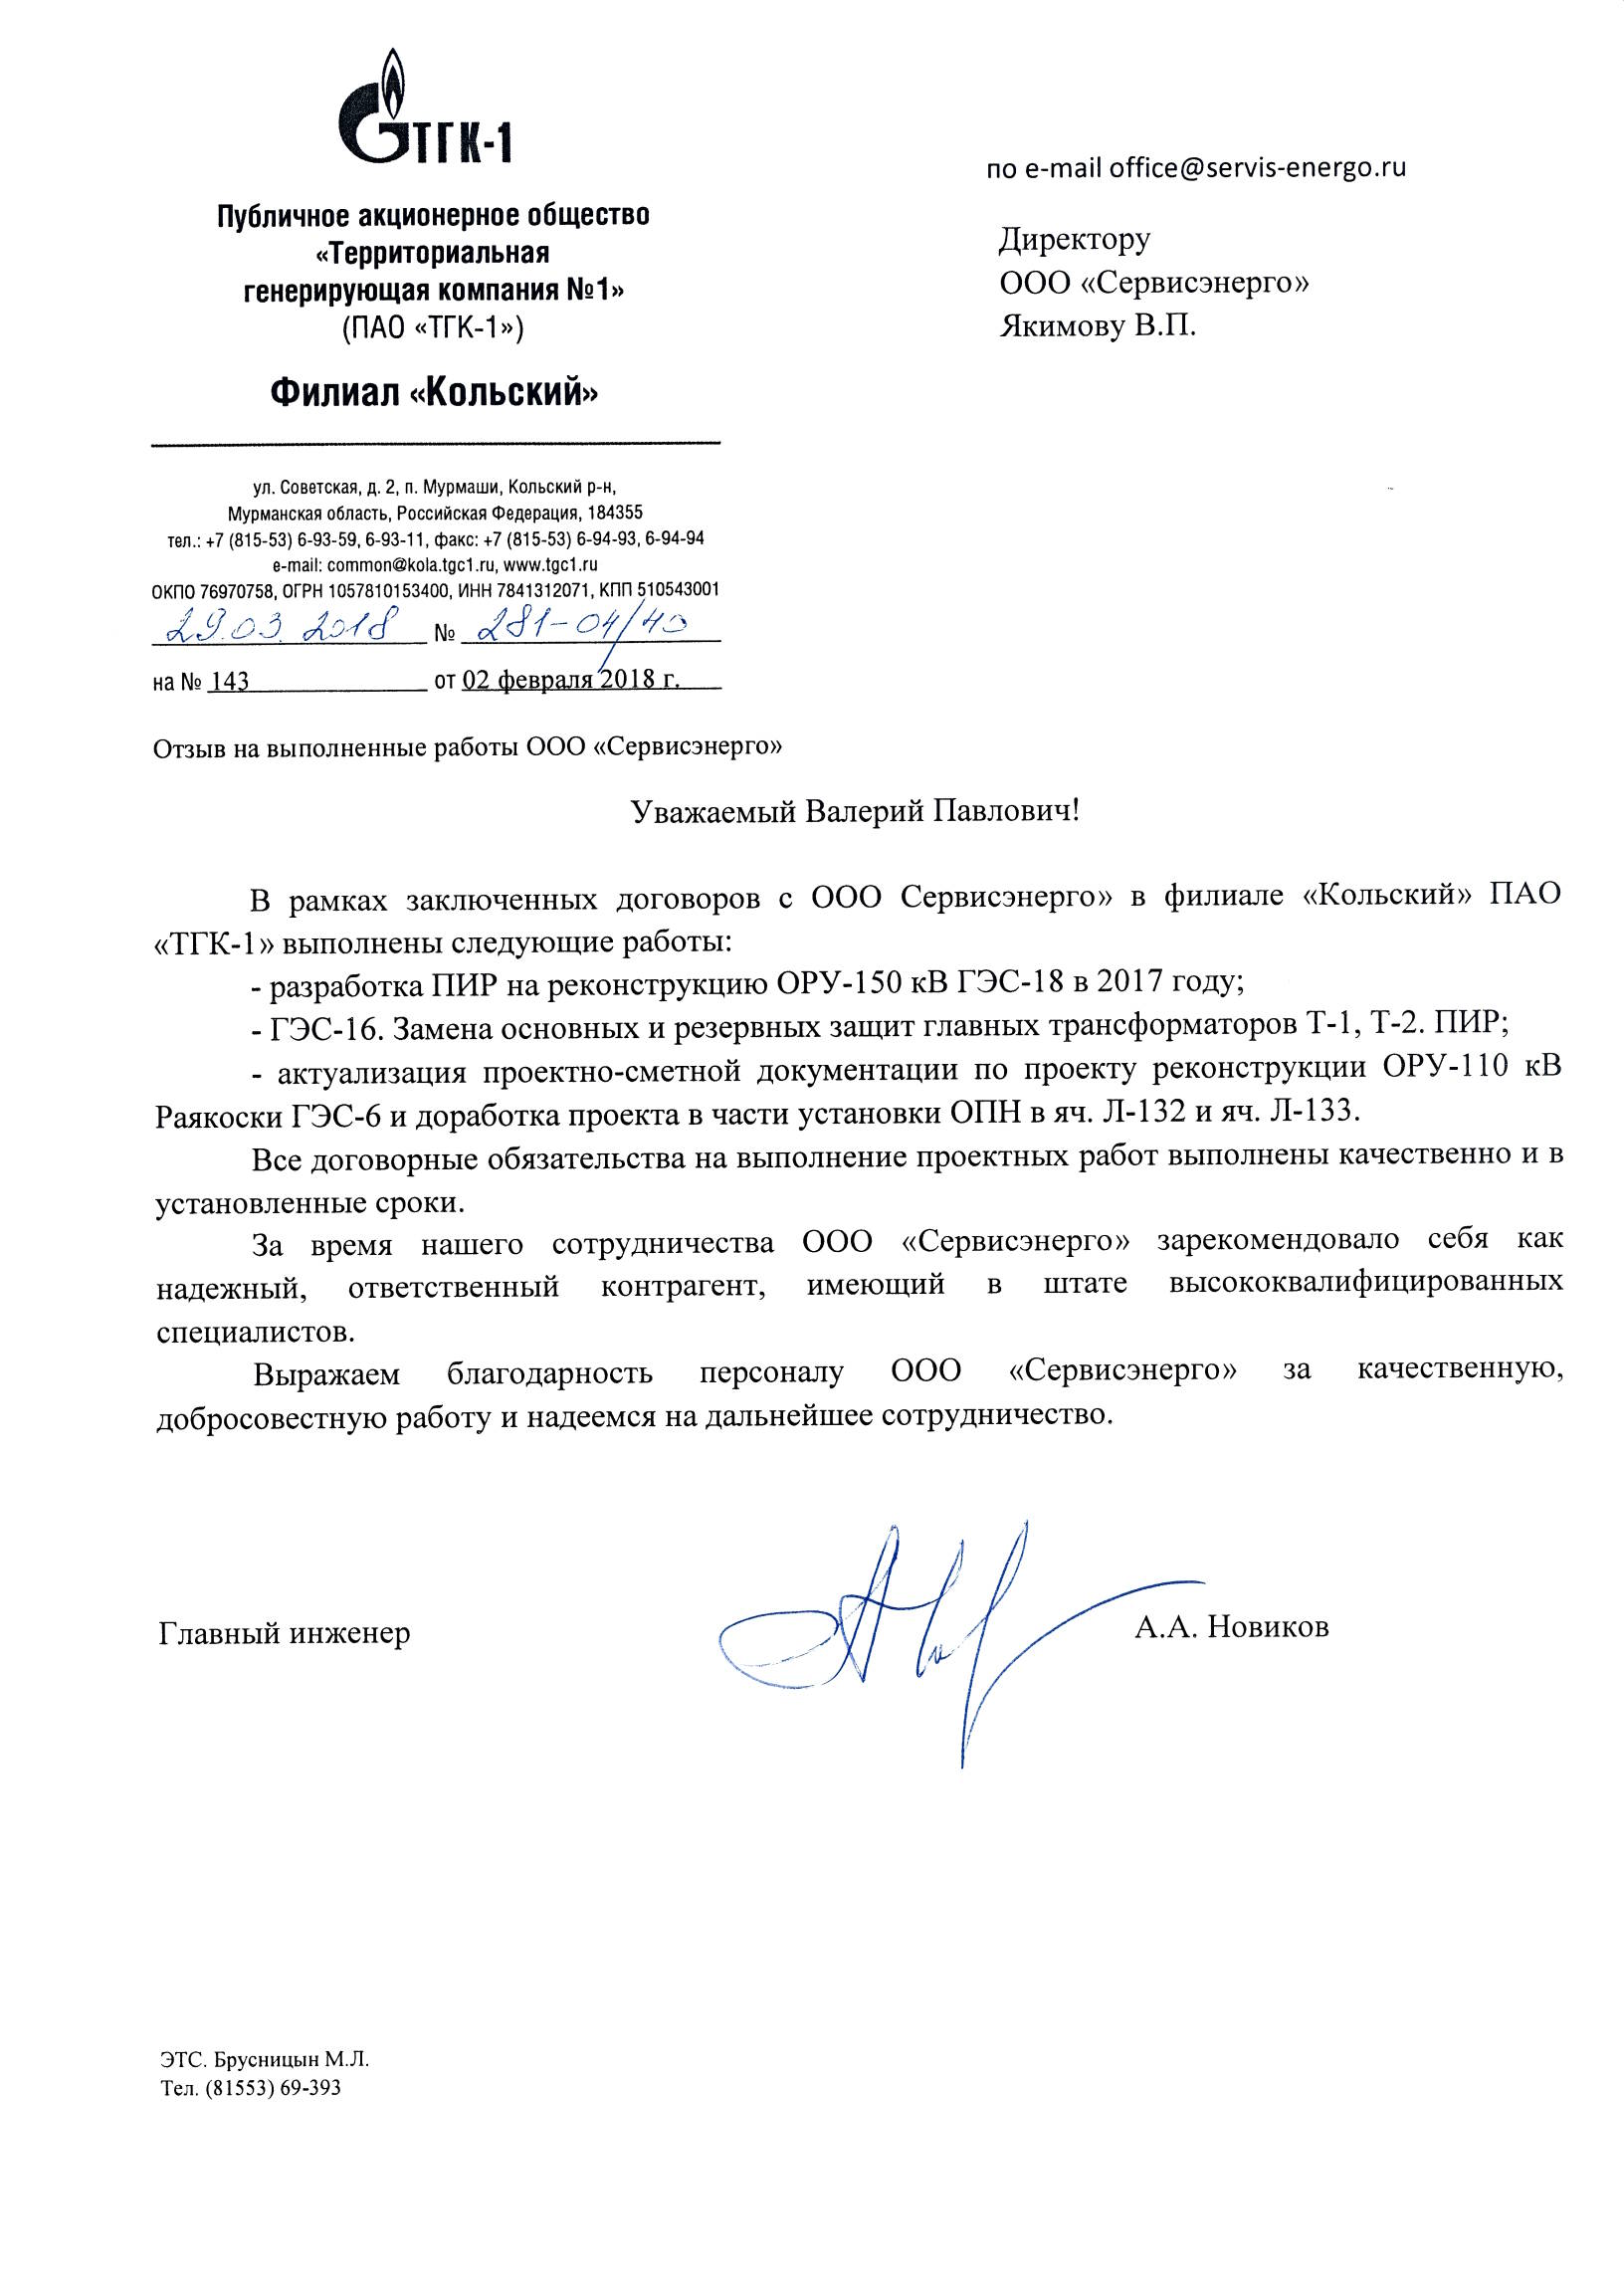 отзыв_2018_ТГК-1_Кольский (СЕРВИСЭНЕРГО)